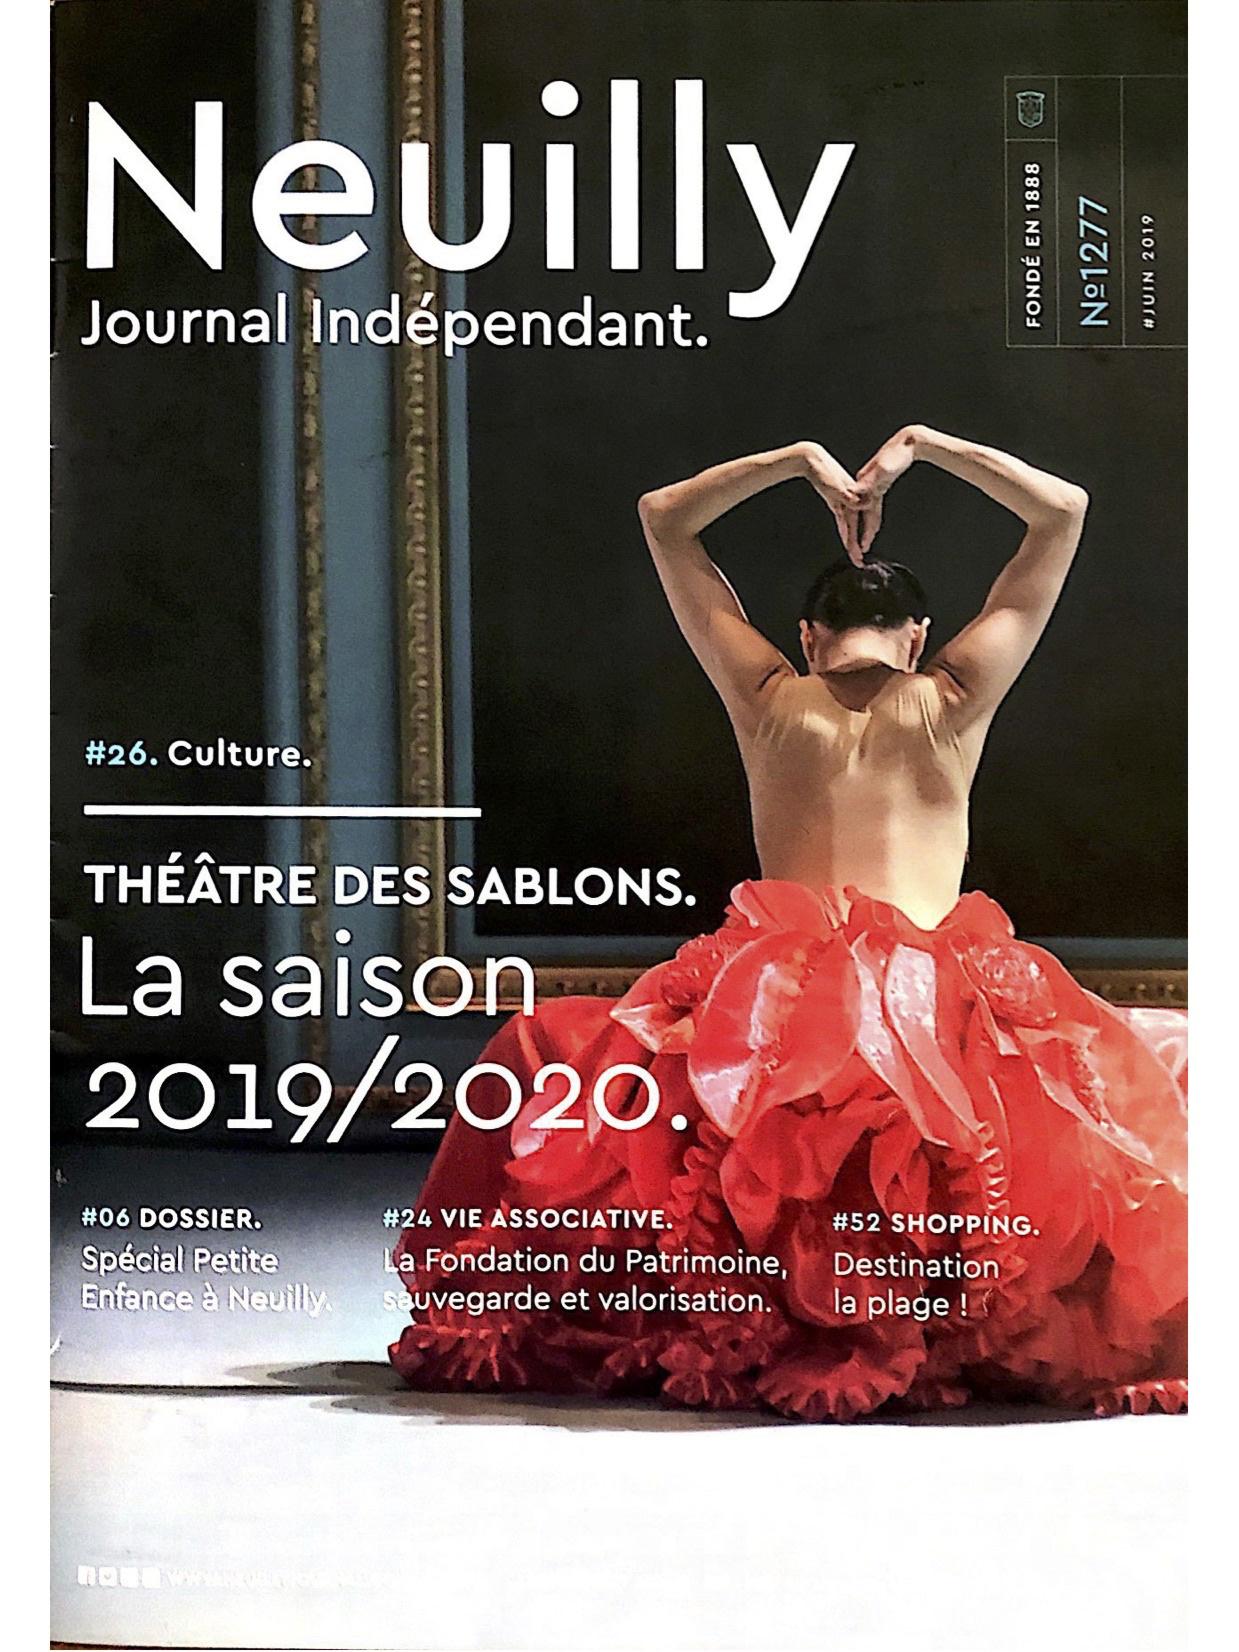 Neuilly Journal indépendant